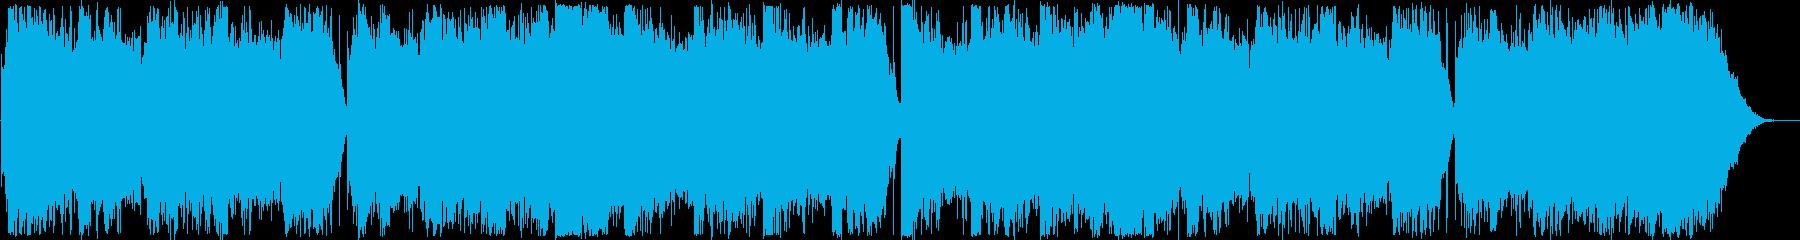 オープニング・洋楽フューチャーベースの再生済みの波形